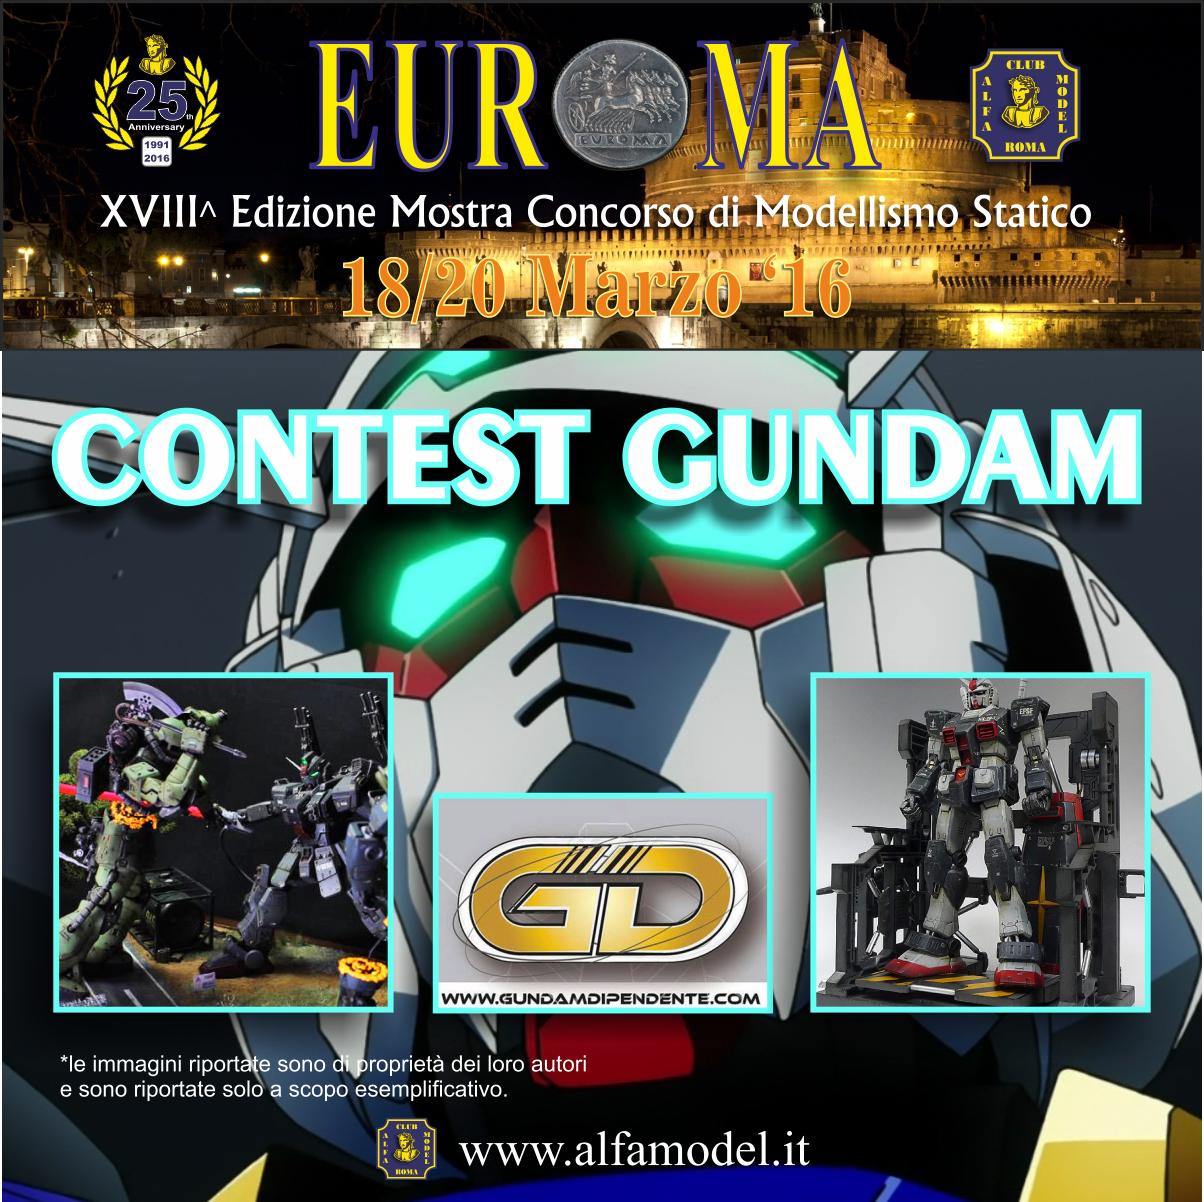 Contest Gundam